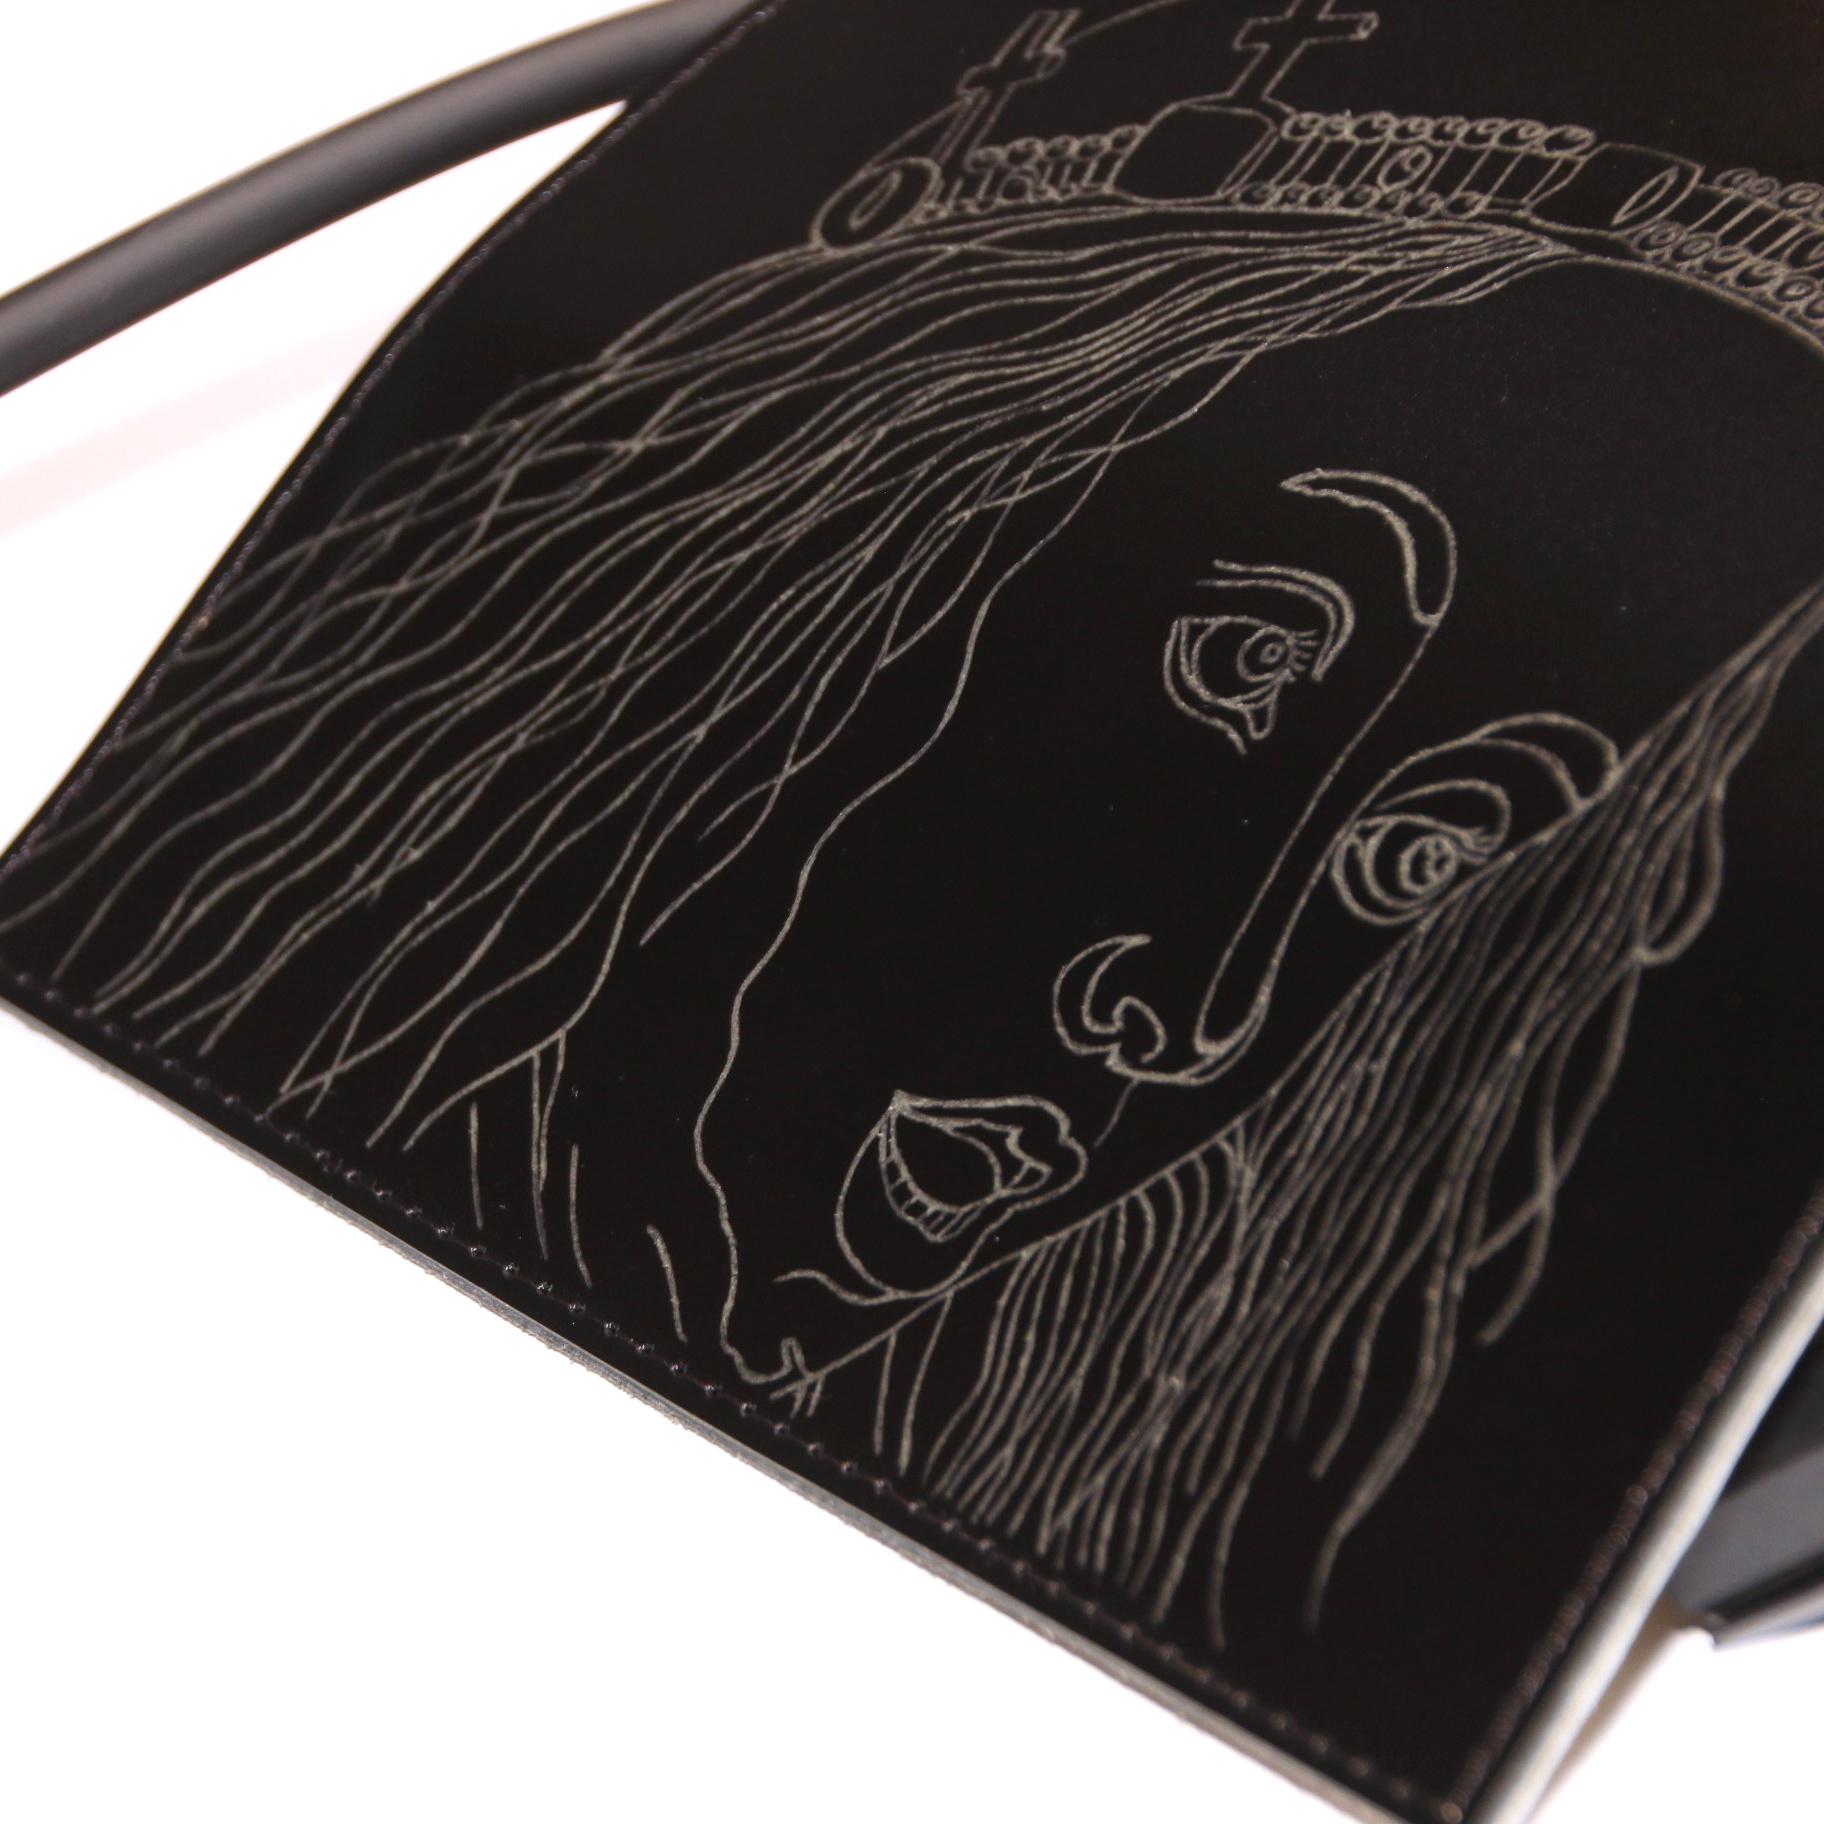 PAARL Unieke handgemaakte en gegraveerde handtas  afbeelding zingende engelen - PAARL